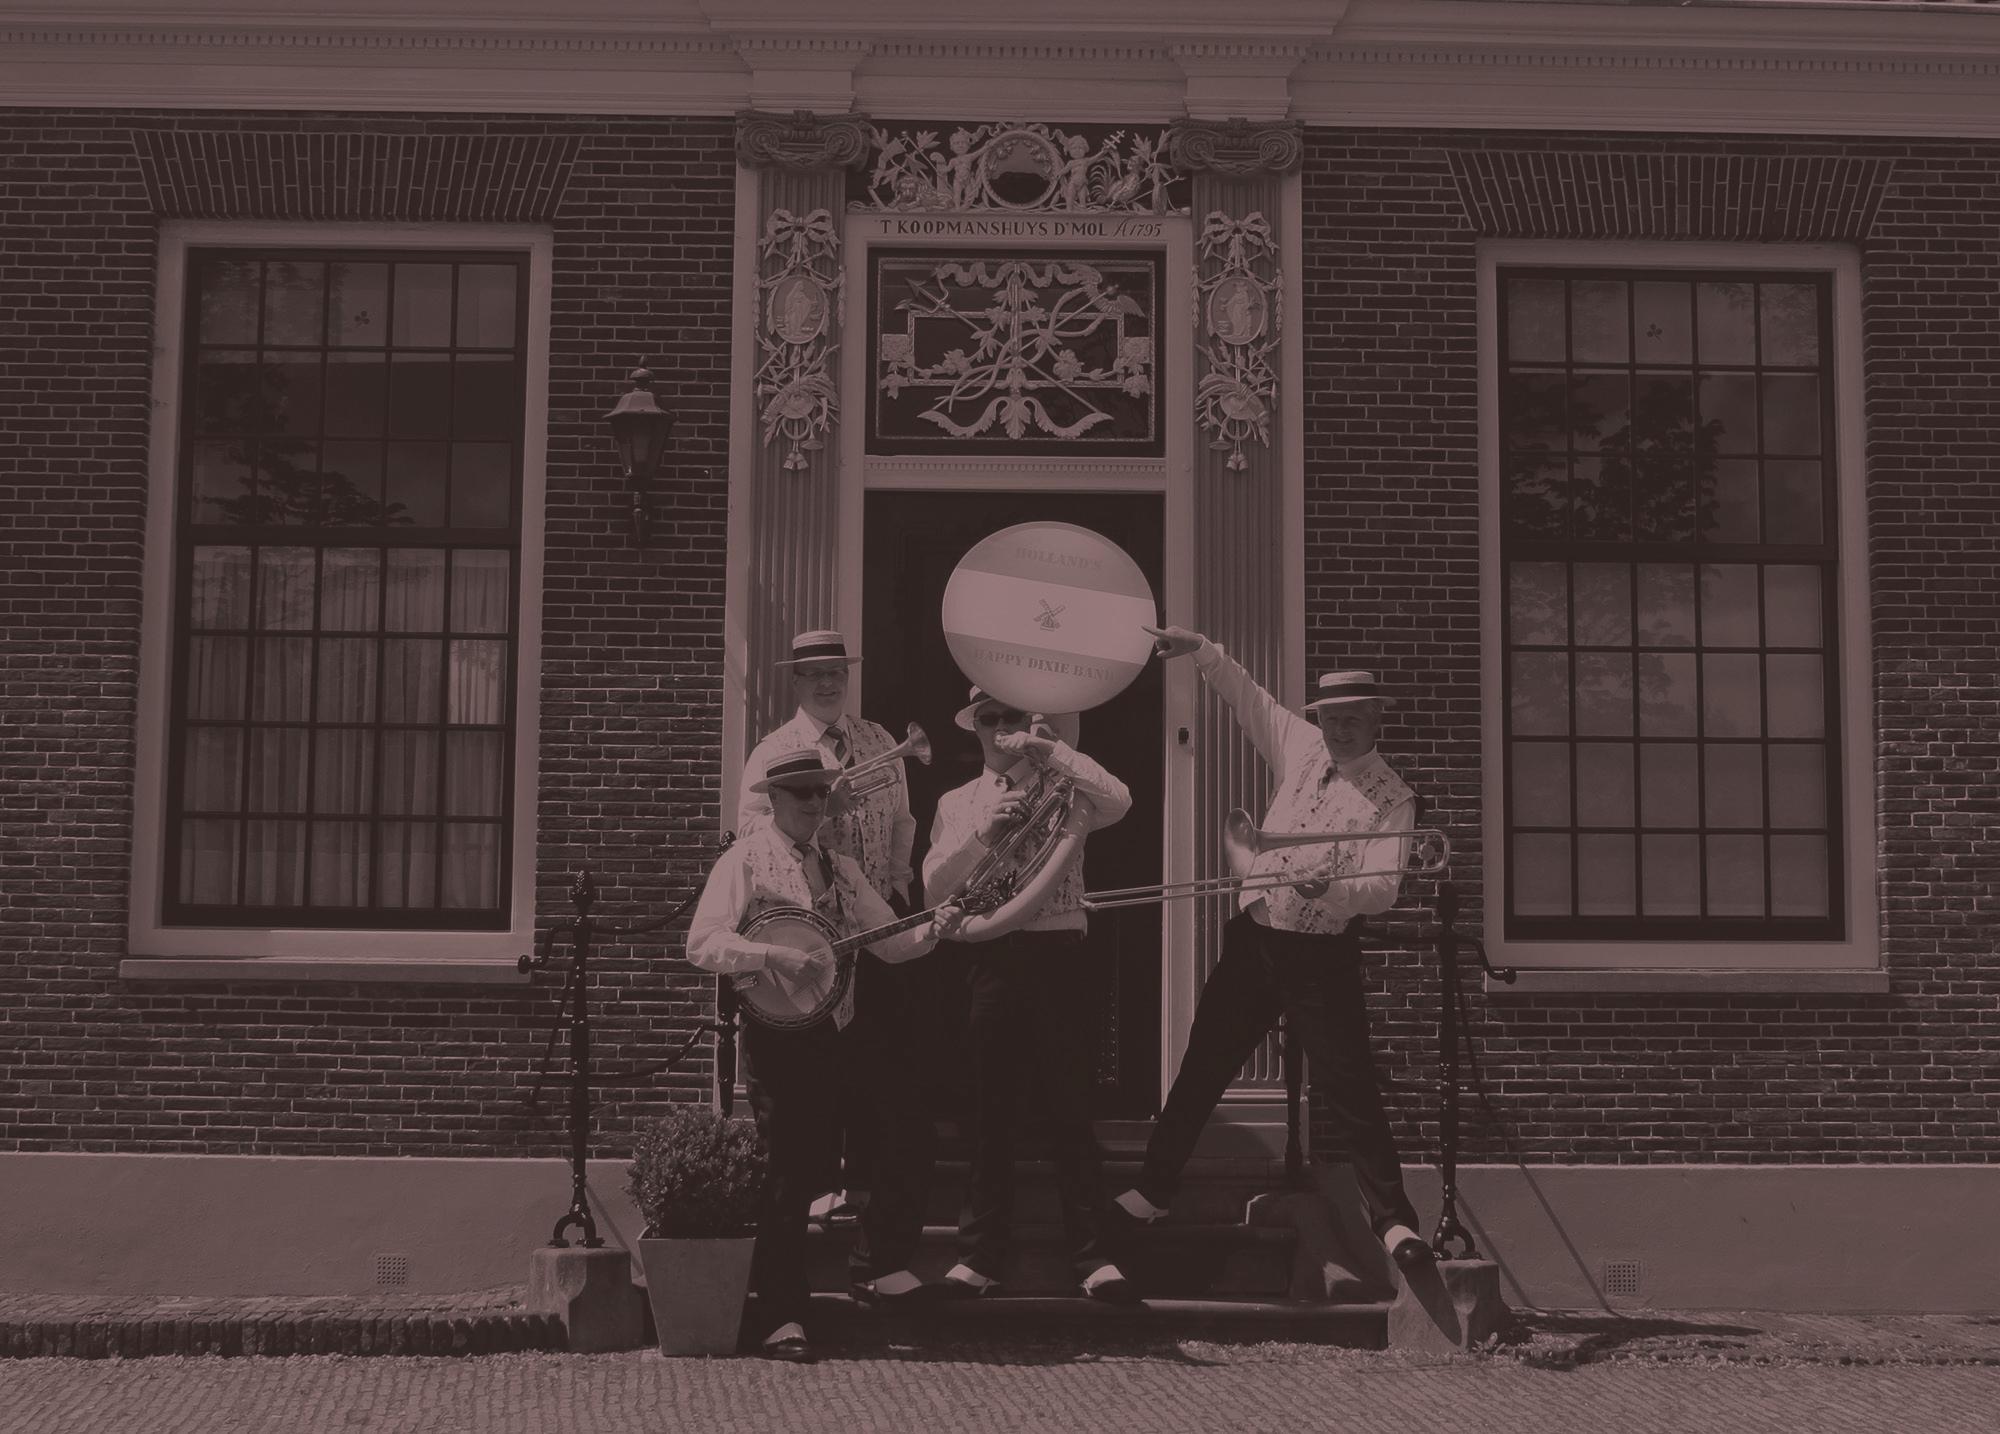 Swinging-dixie-band